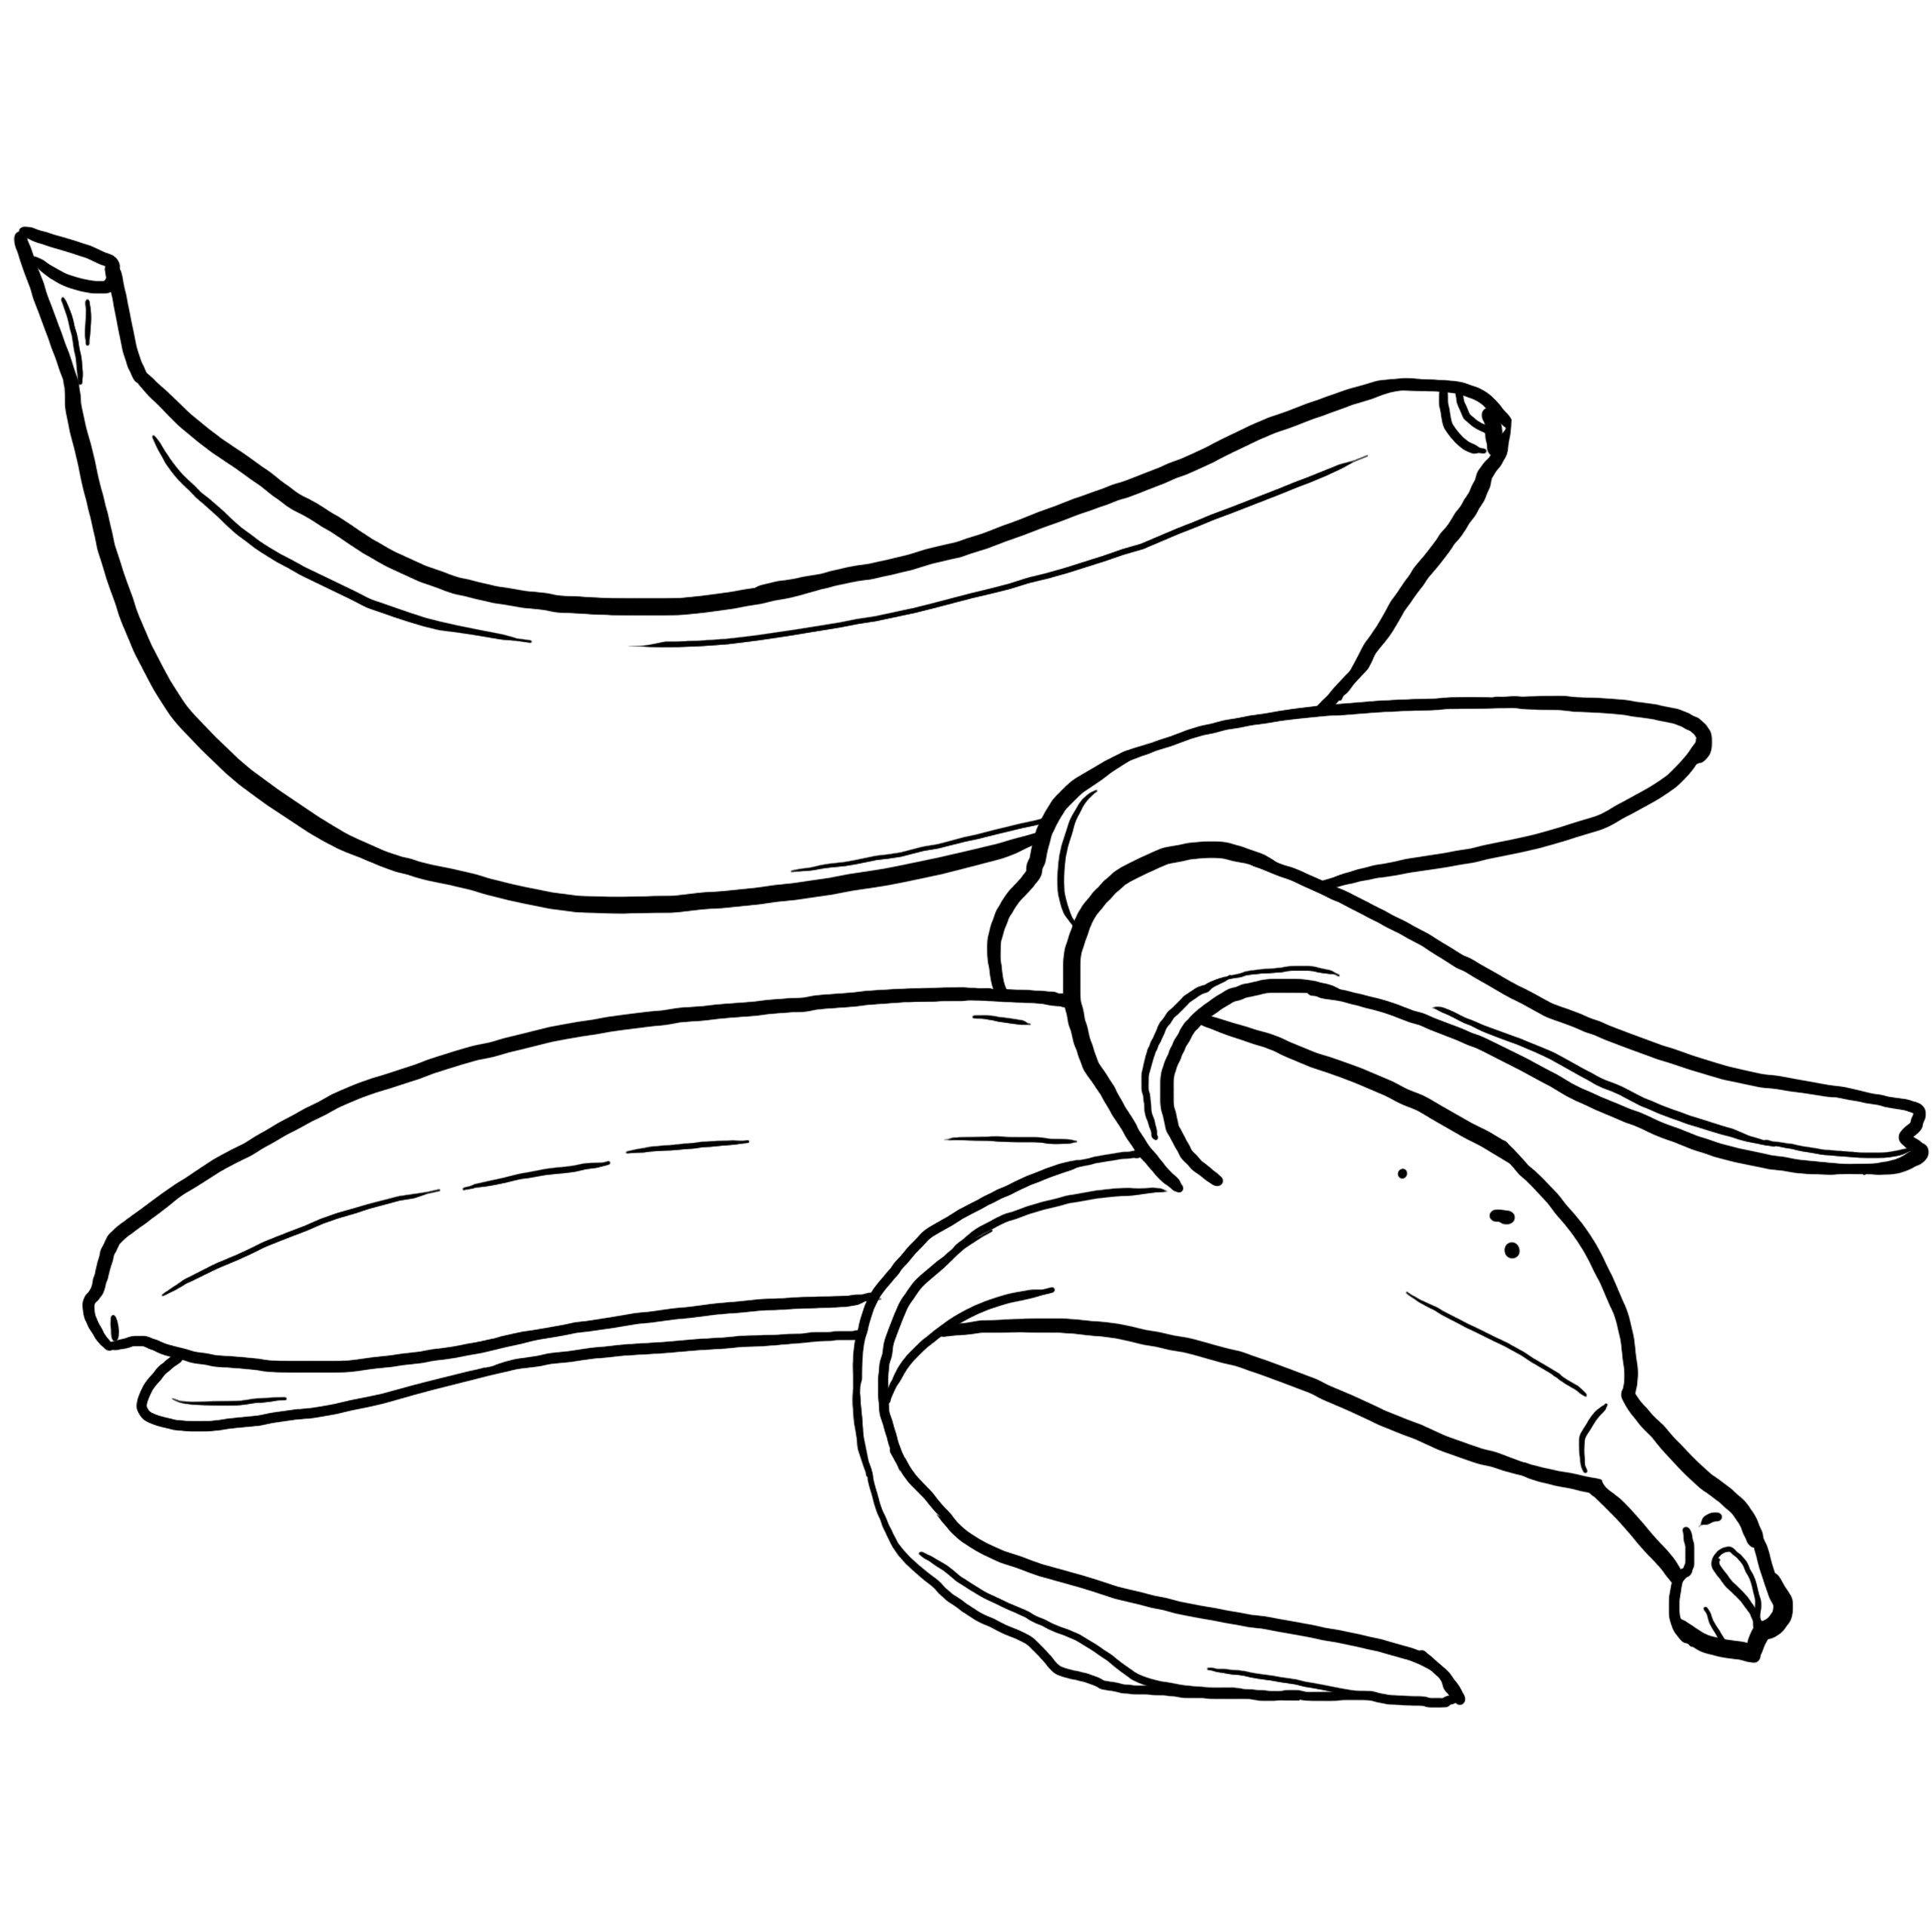 Banane Dessin A Colorier Coloriage Printable Pdf Jeu A